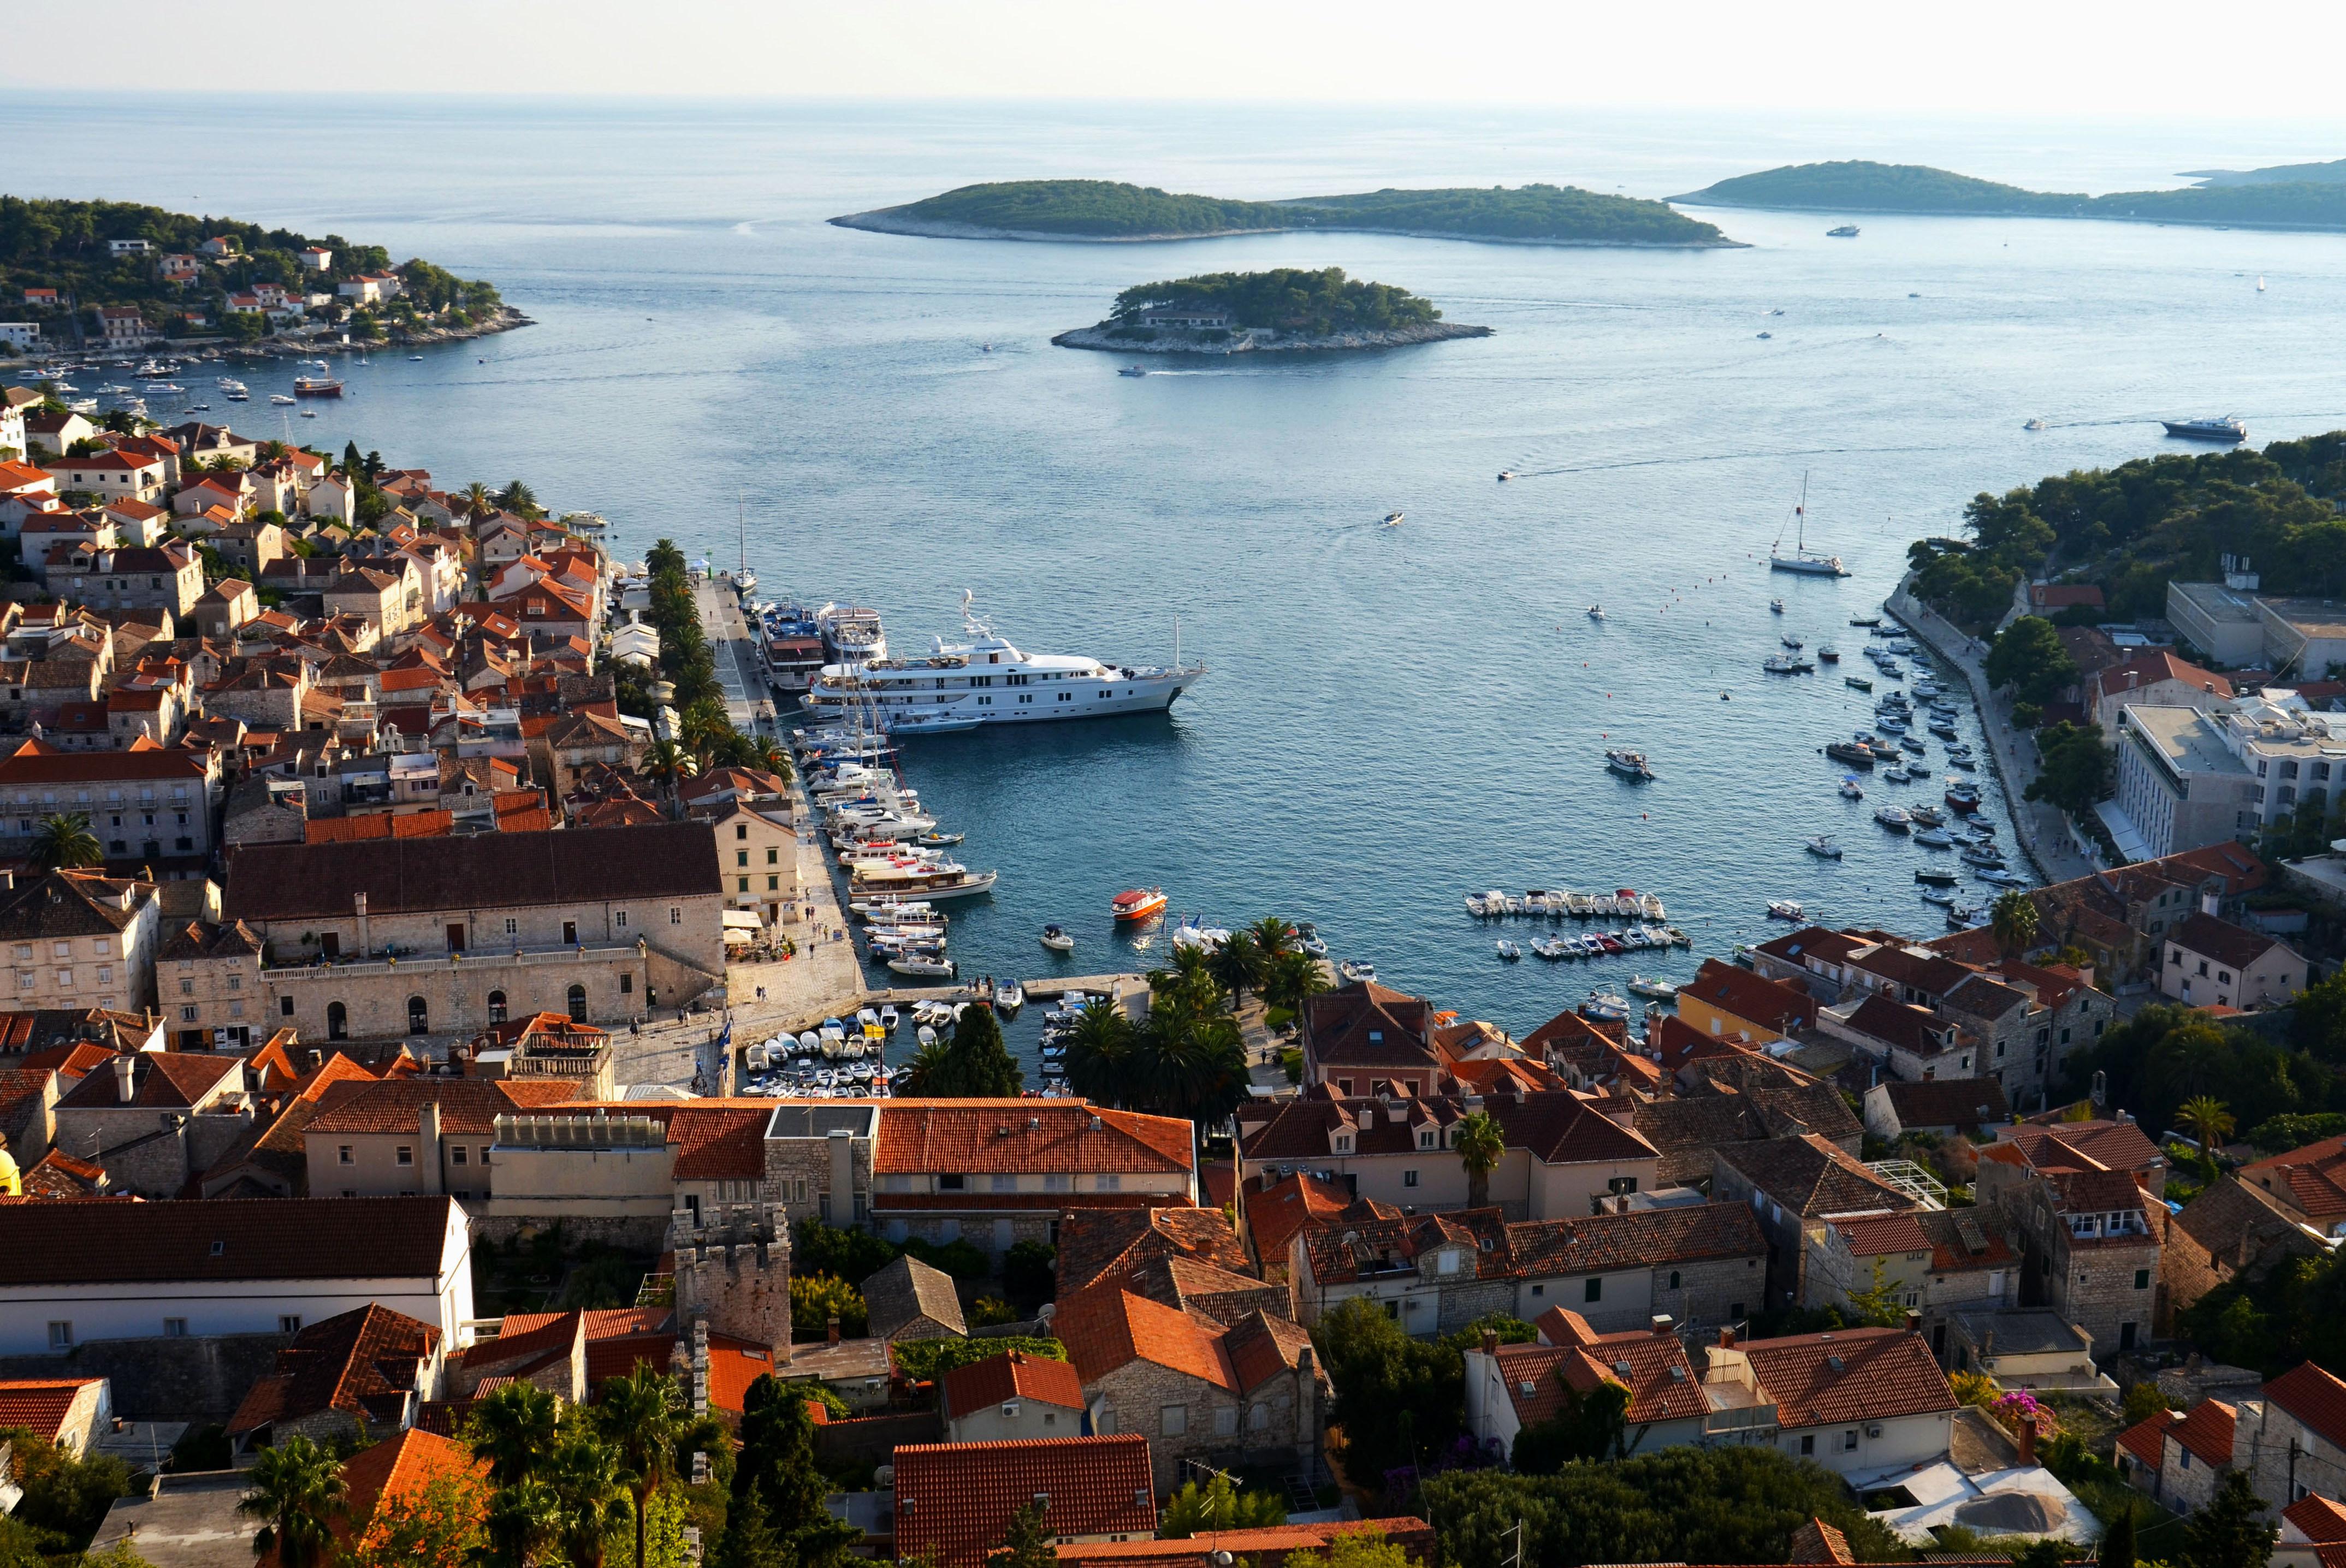 fortica - ilha de hvar - croácia - turismo